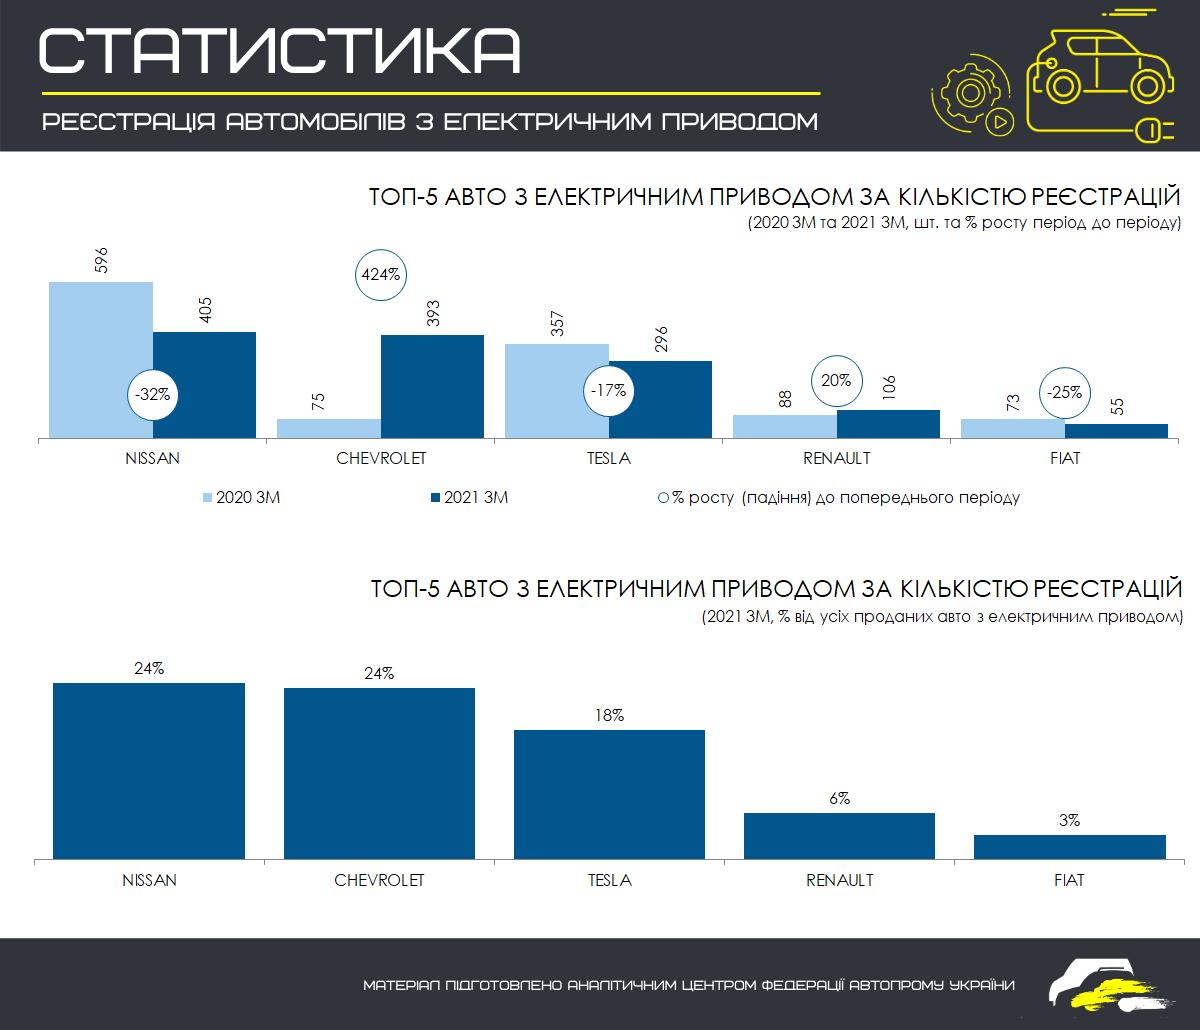 Автомобилисты в Украине осознали преимущества и недостатки электрокаров 2